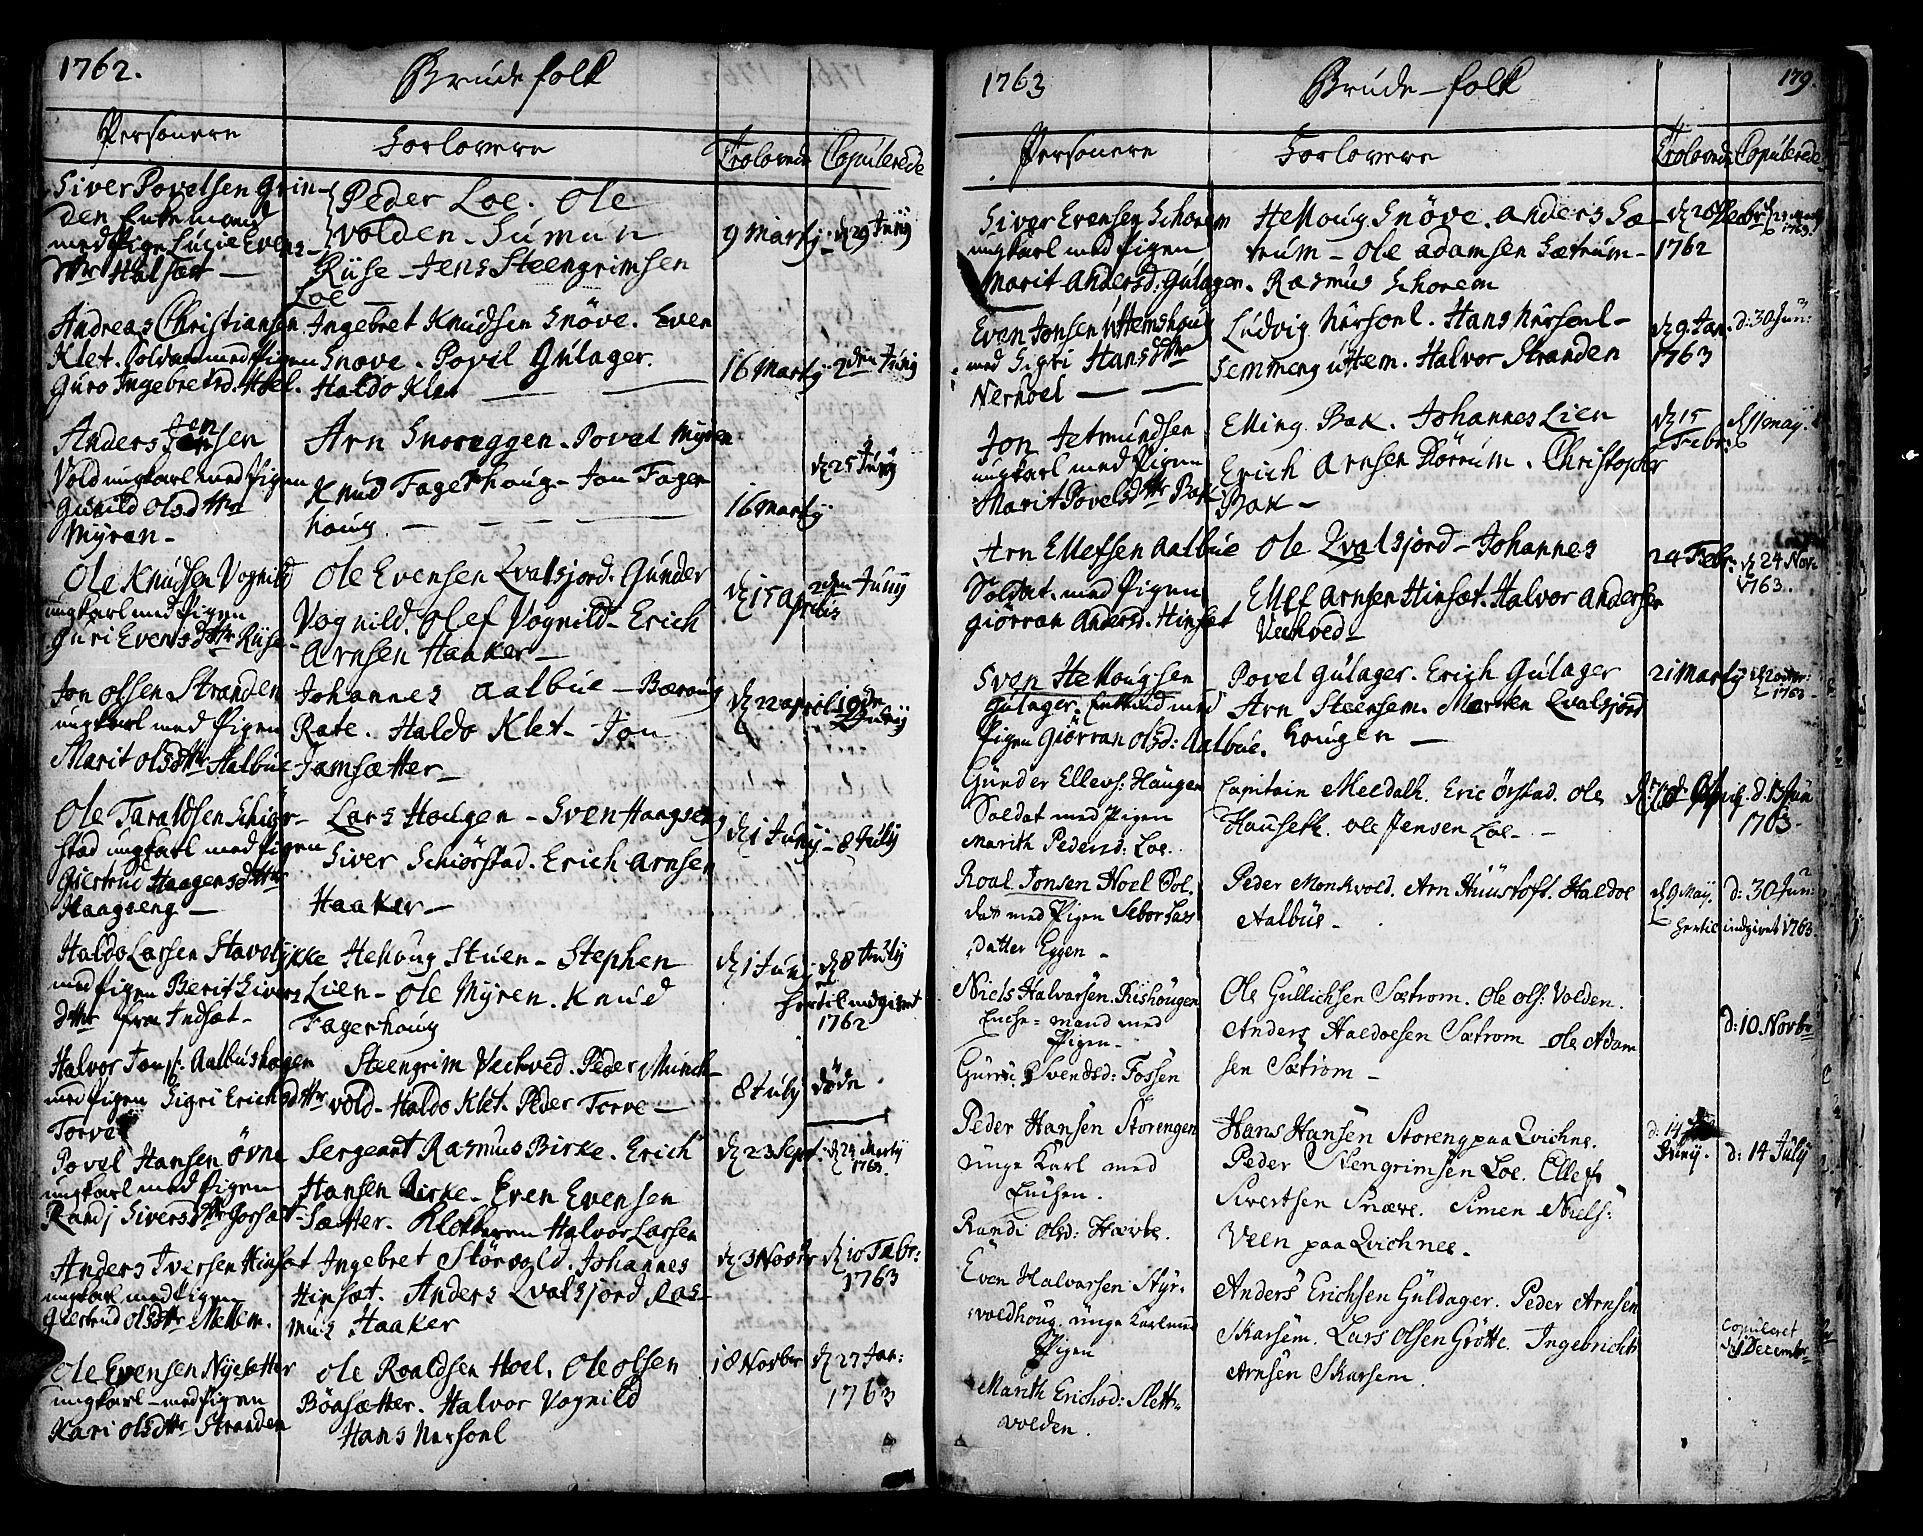 SAT, Ministerialprotokoller, klokkerbøker og fødselsregistre - Sør-Trøndelag, 678/L0891: Ministerialbok nr. 678A01, 1739-1780, s. 179